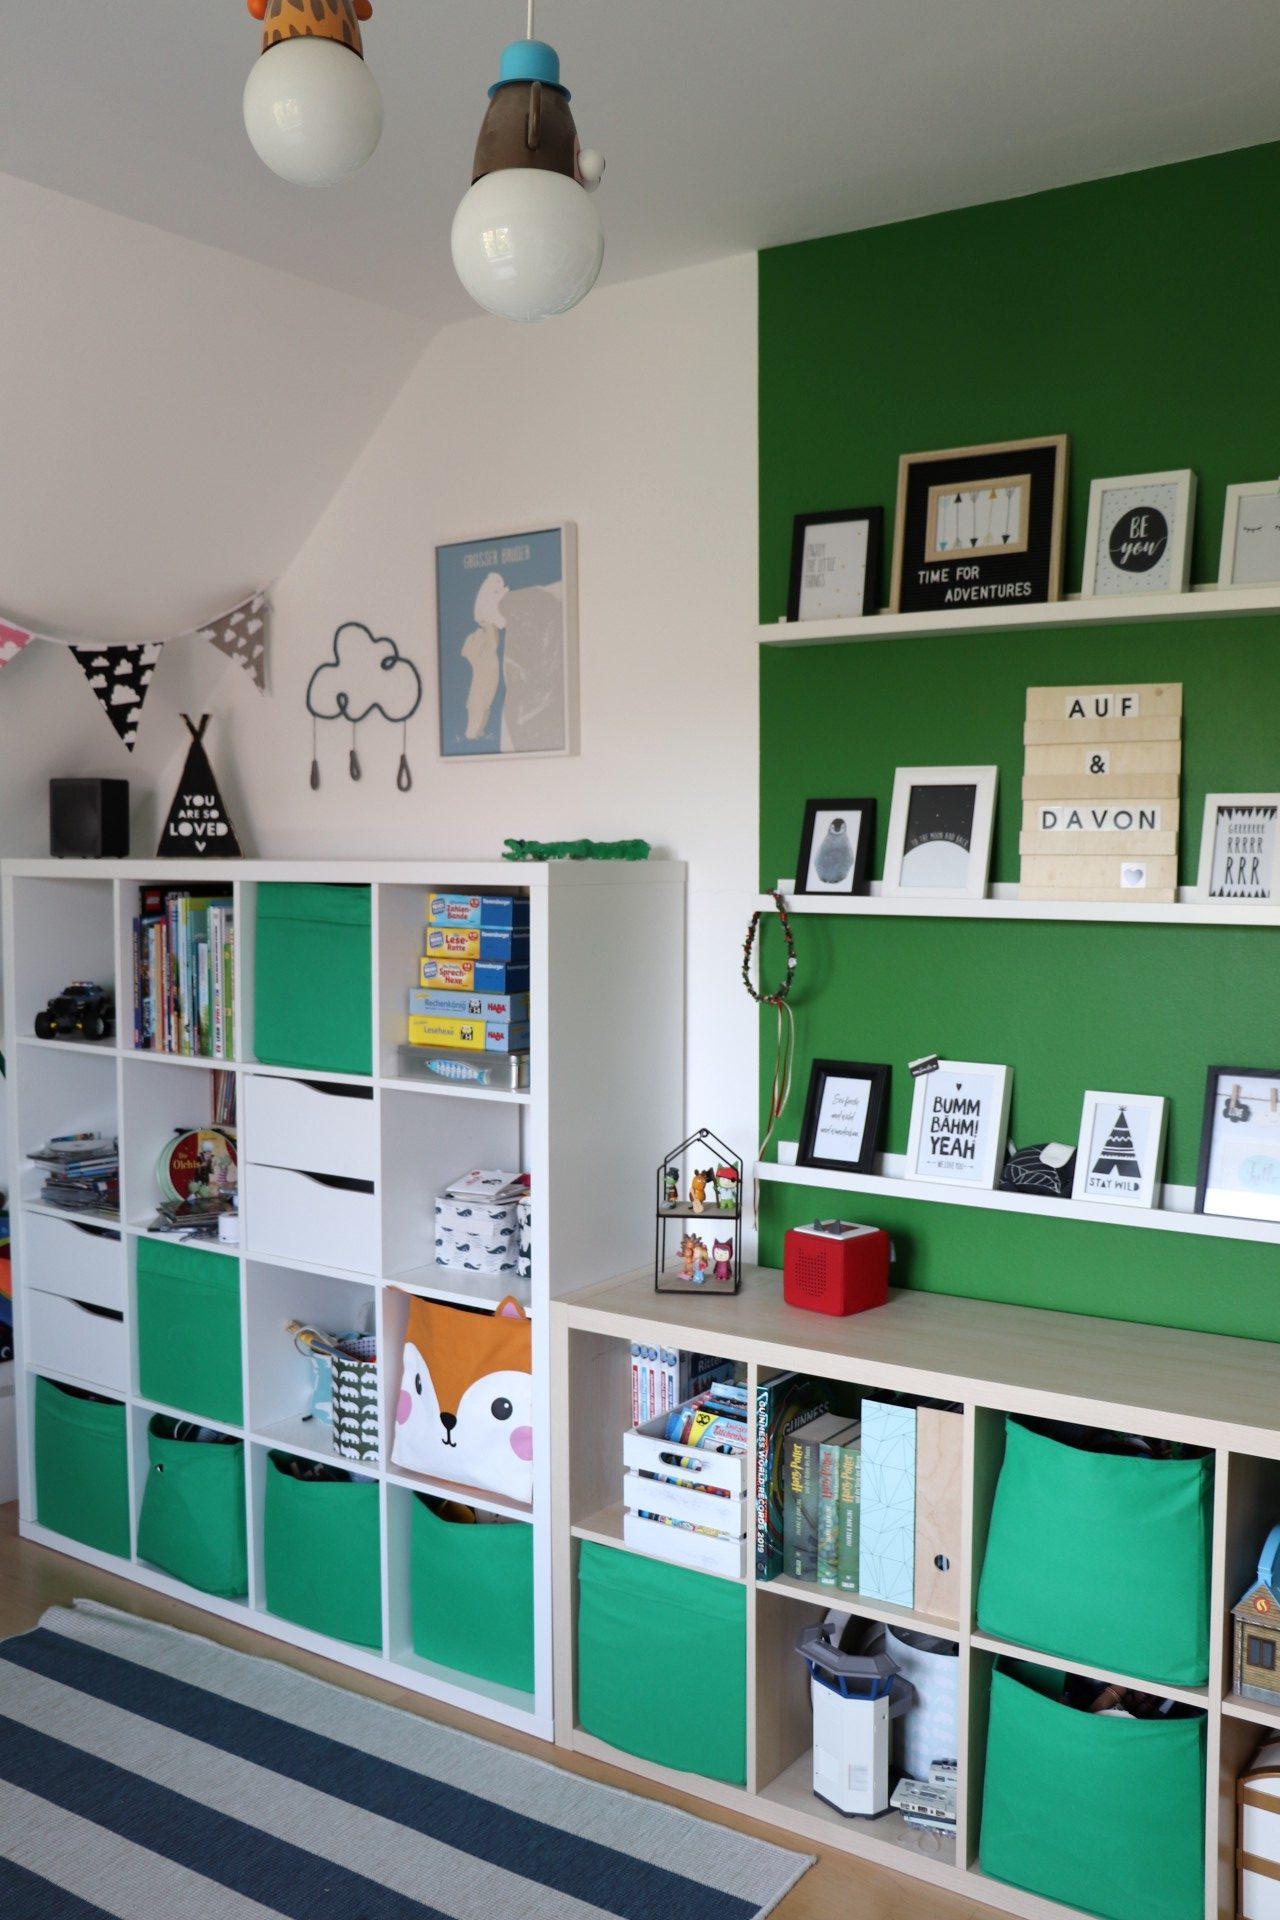 Full Size of Babyzimmer Junge Streichen Kinderzimmer Ideen Pinterest Gestalten Deko Selber Machen Jungen Teppich Regal Regale Weiß Sofa Kinderzimmer Jungen Kinderzimmer